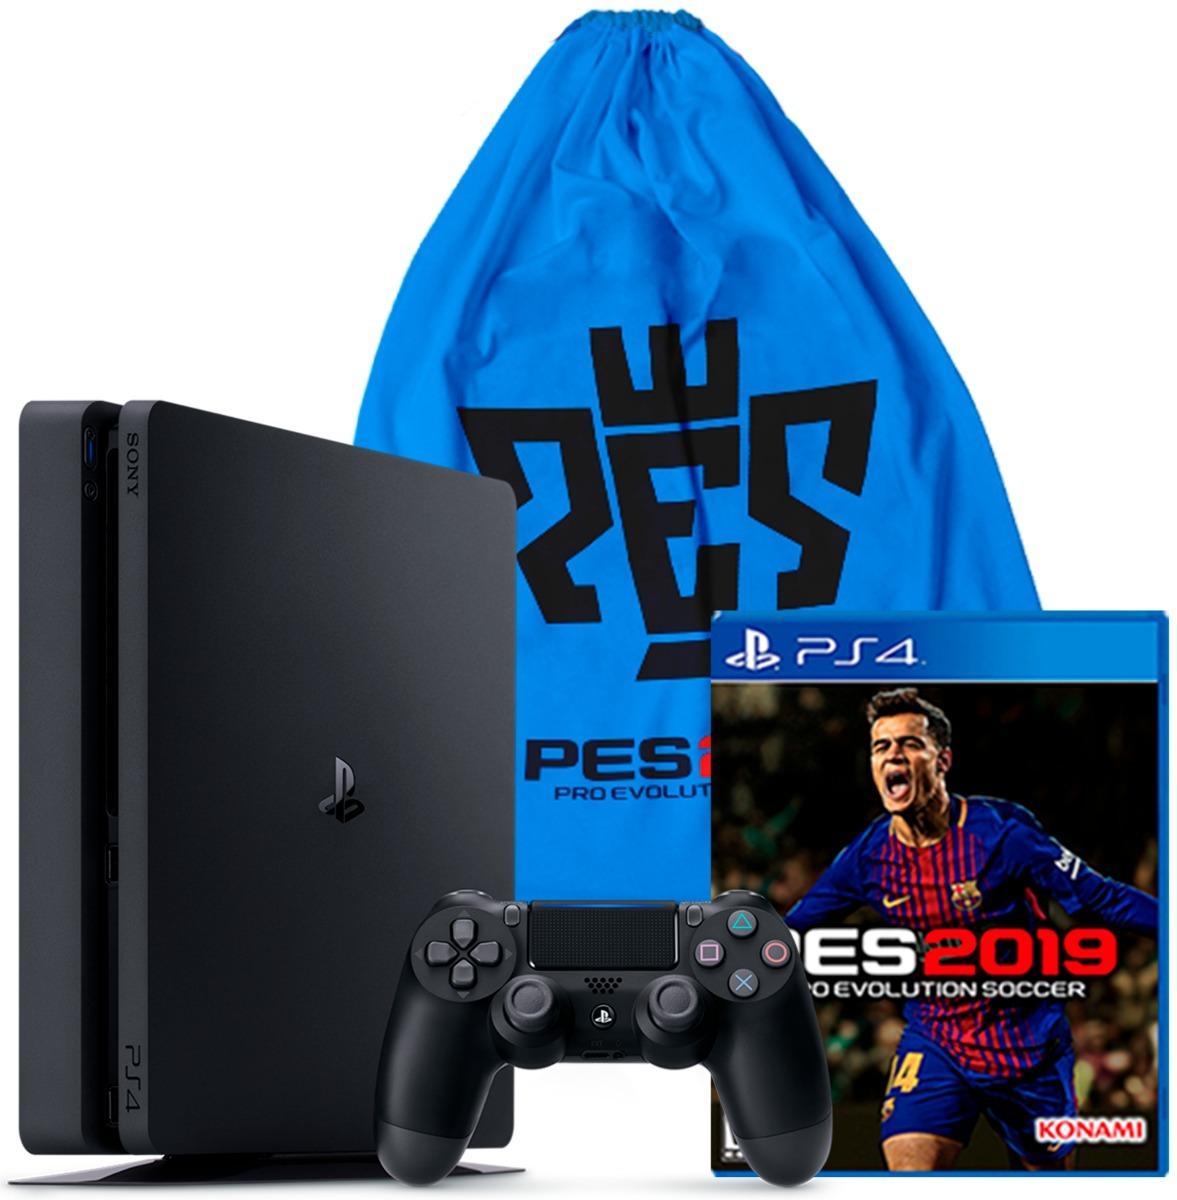 Playstation 4 Slim 1tb Con Juego Pes 2019 Ps4 Obsequio Tula